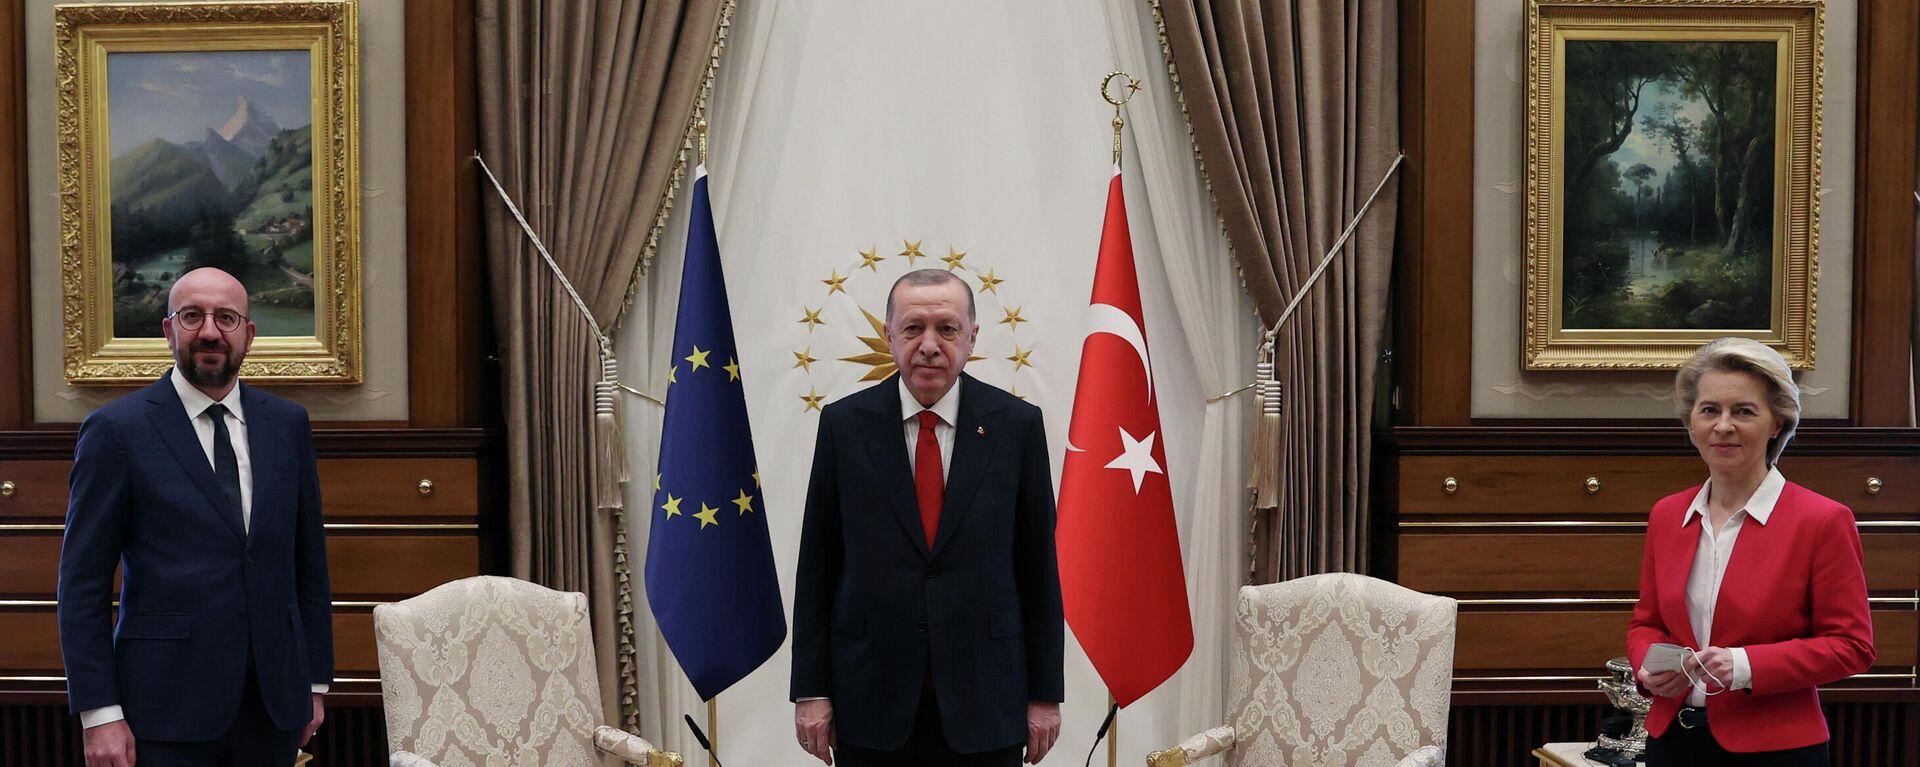 Ursula von der Leyen und Charles Michel beim Treffen mit Recep Tayyip Erdogan in Ankara am 6. April 2021 - SNA, 1920, 22.04.2021